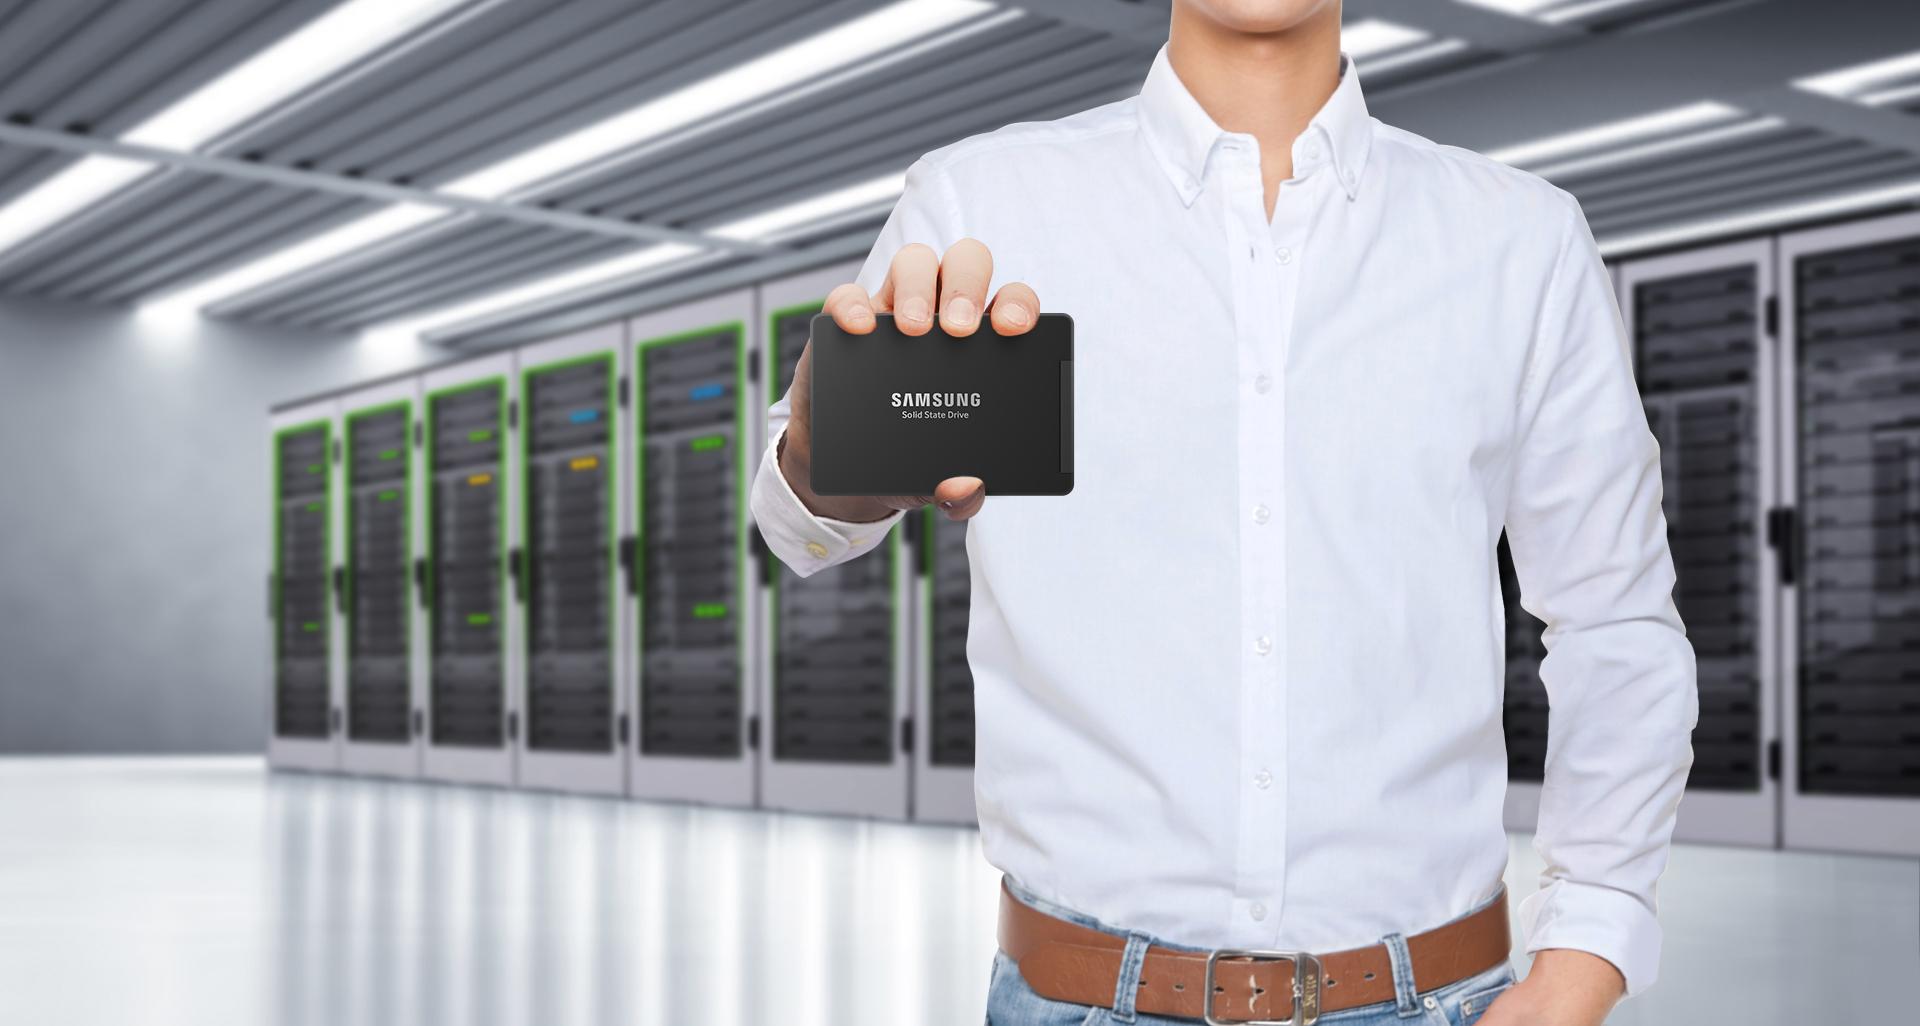 پنج نکته برای انتخاب SSD حرفه ای مناسب مراکز داده